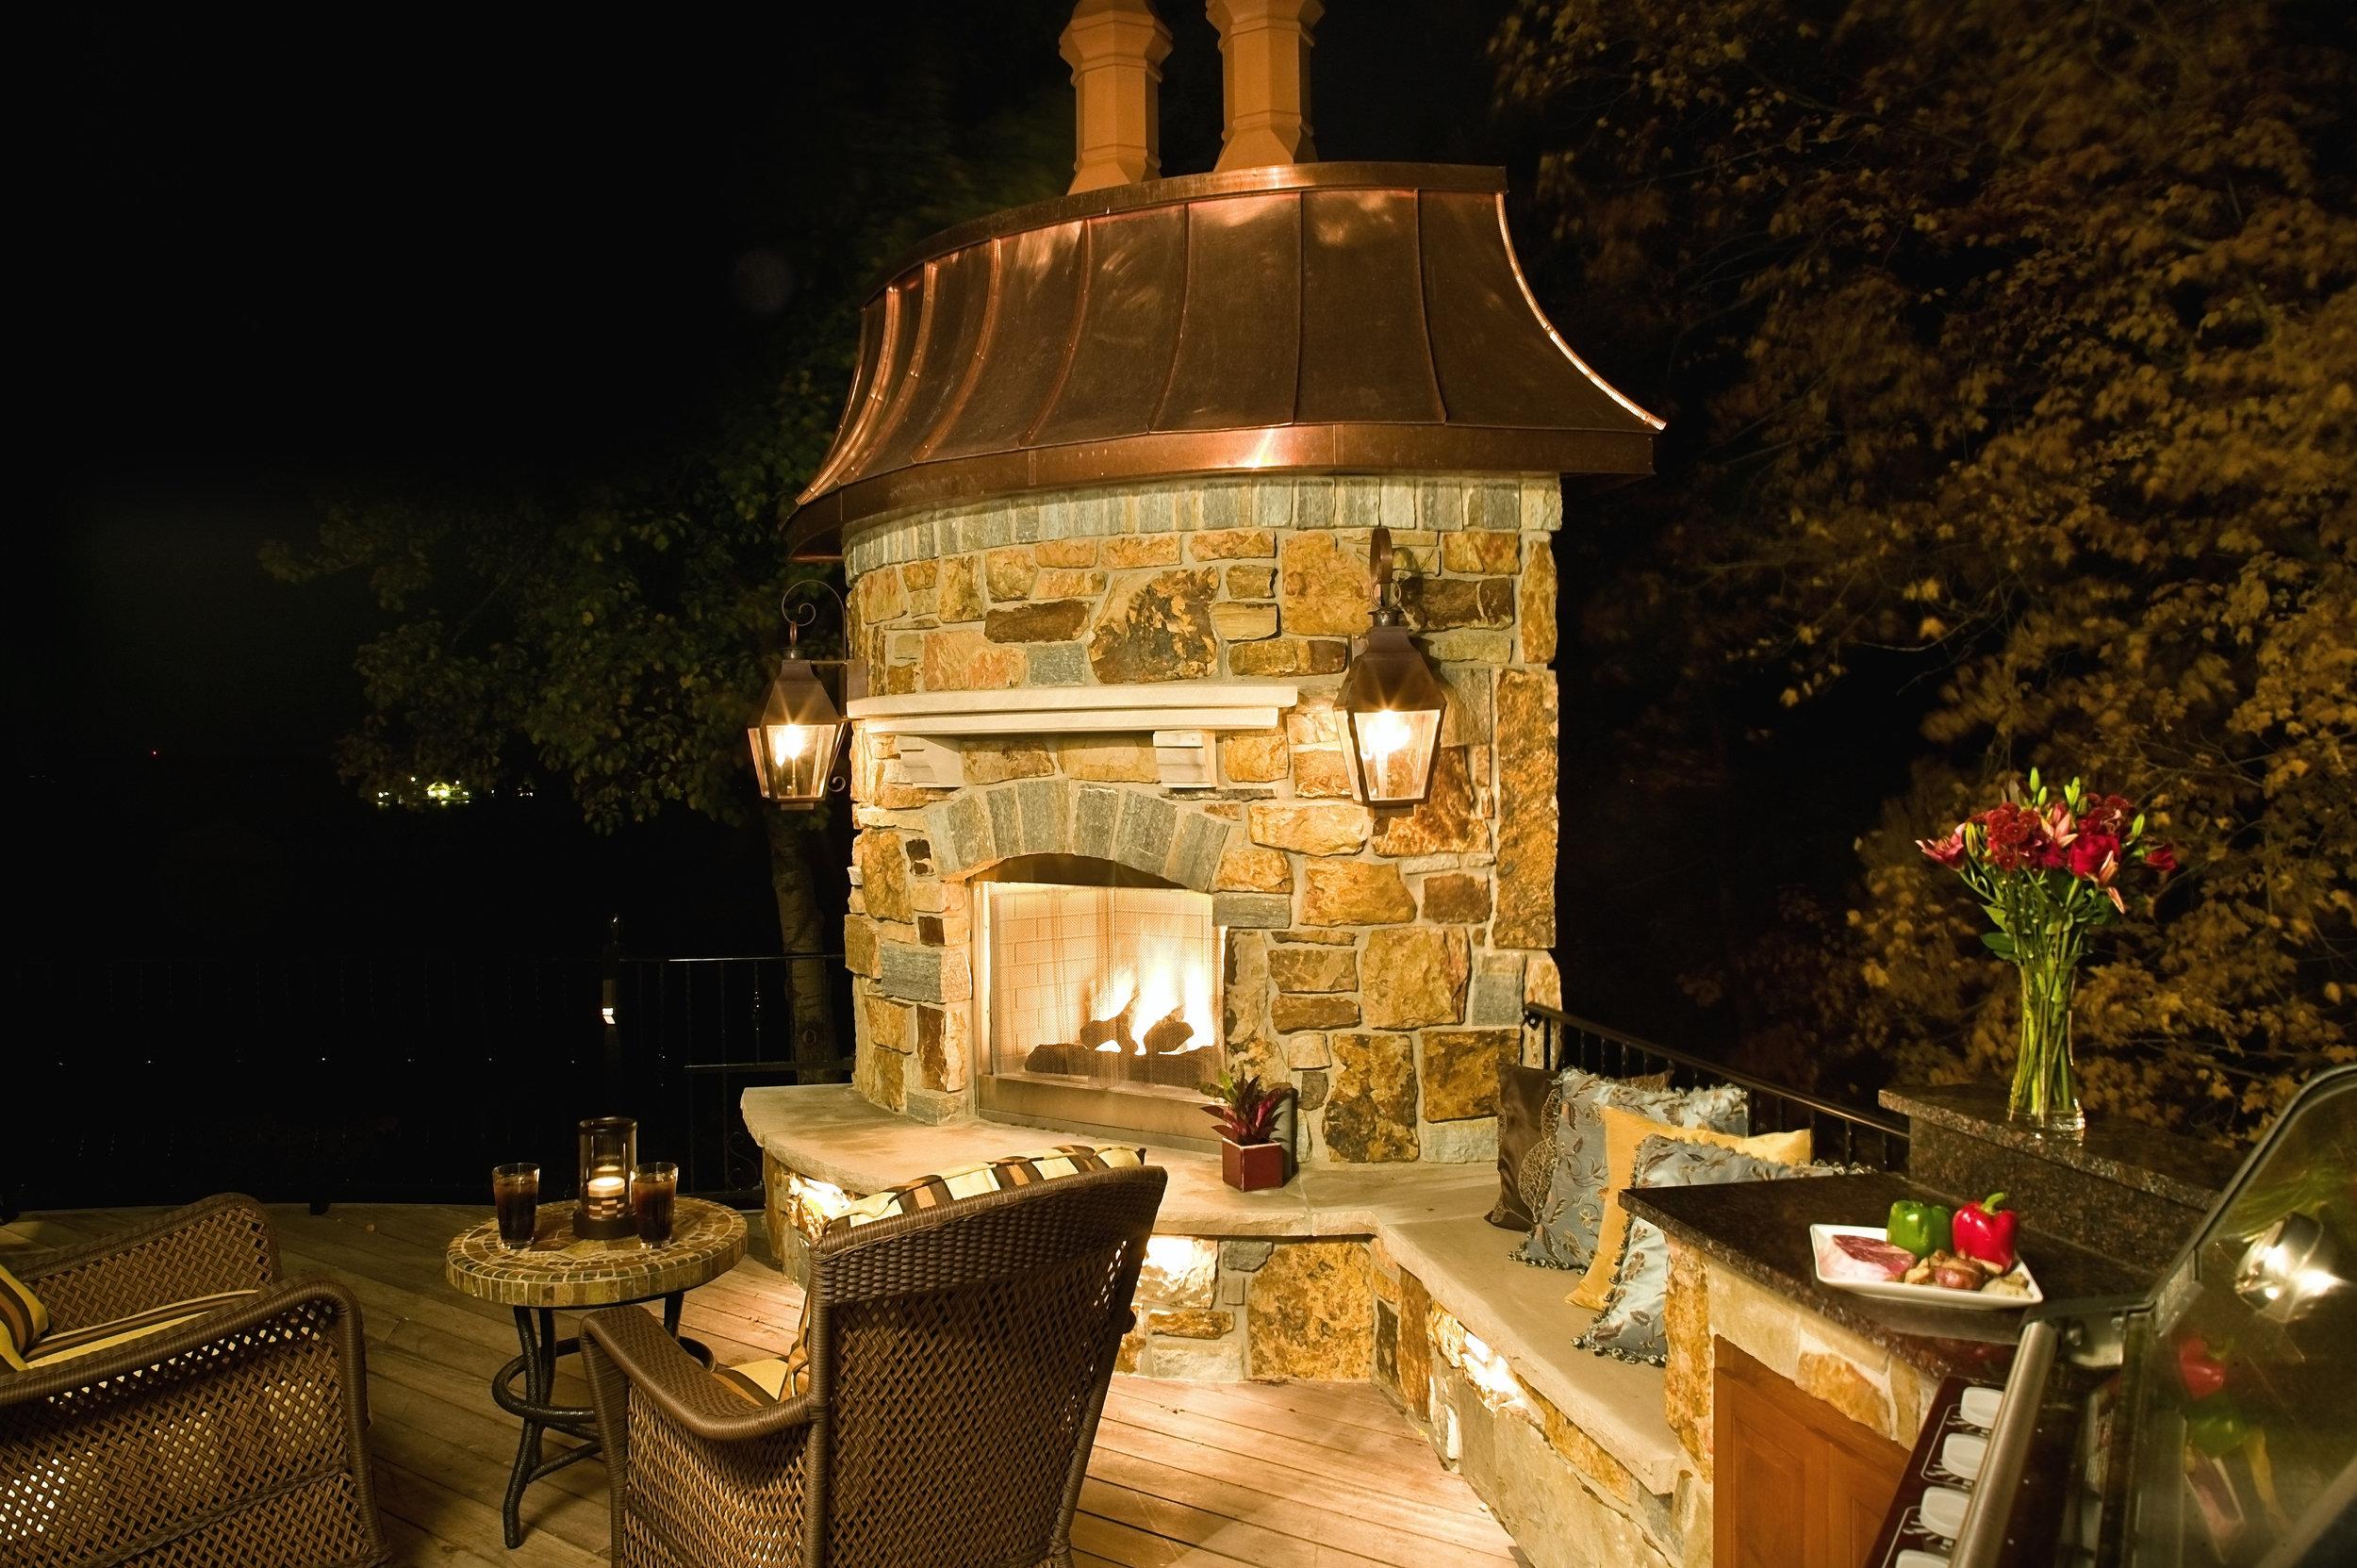 Moms Design Build - Deck Fire Place